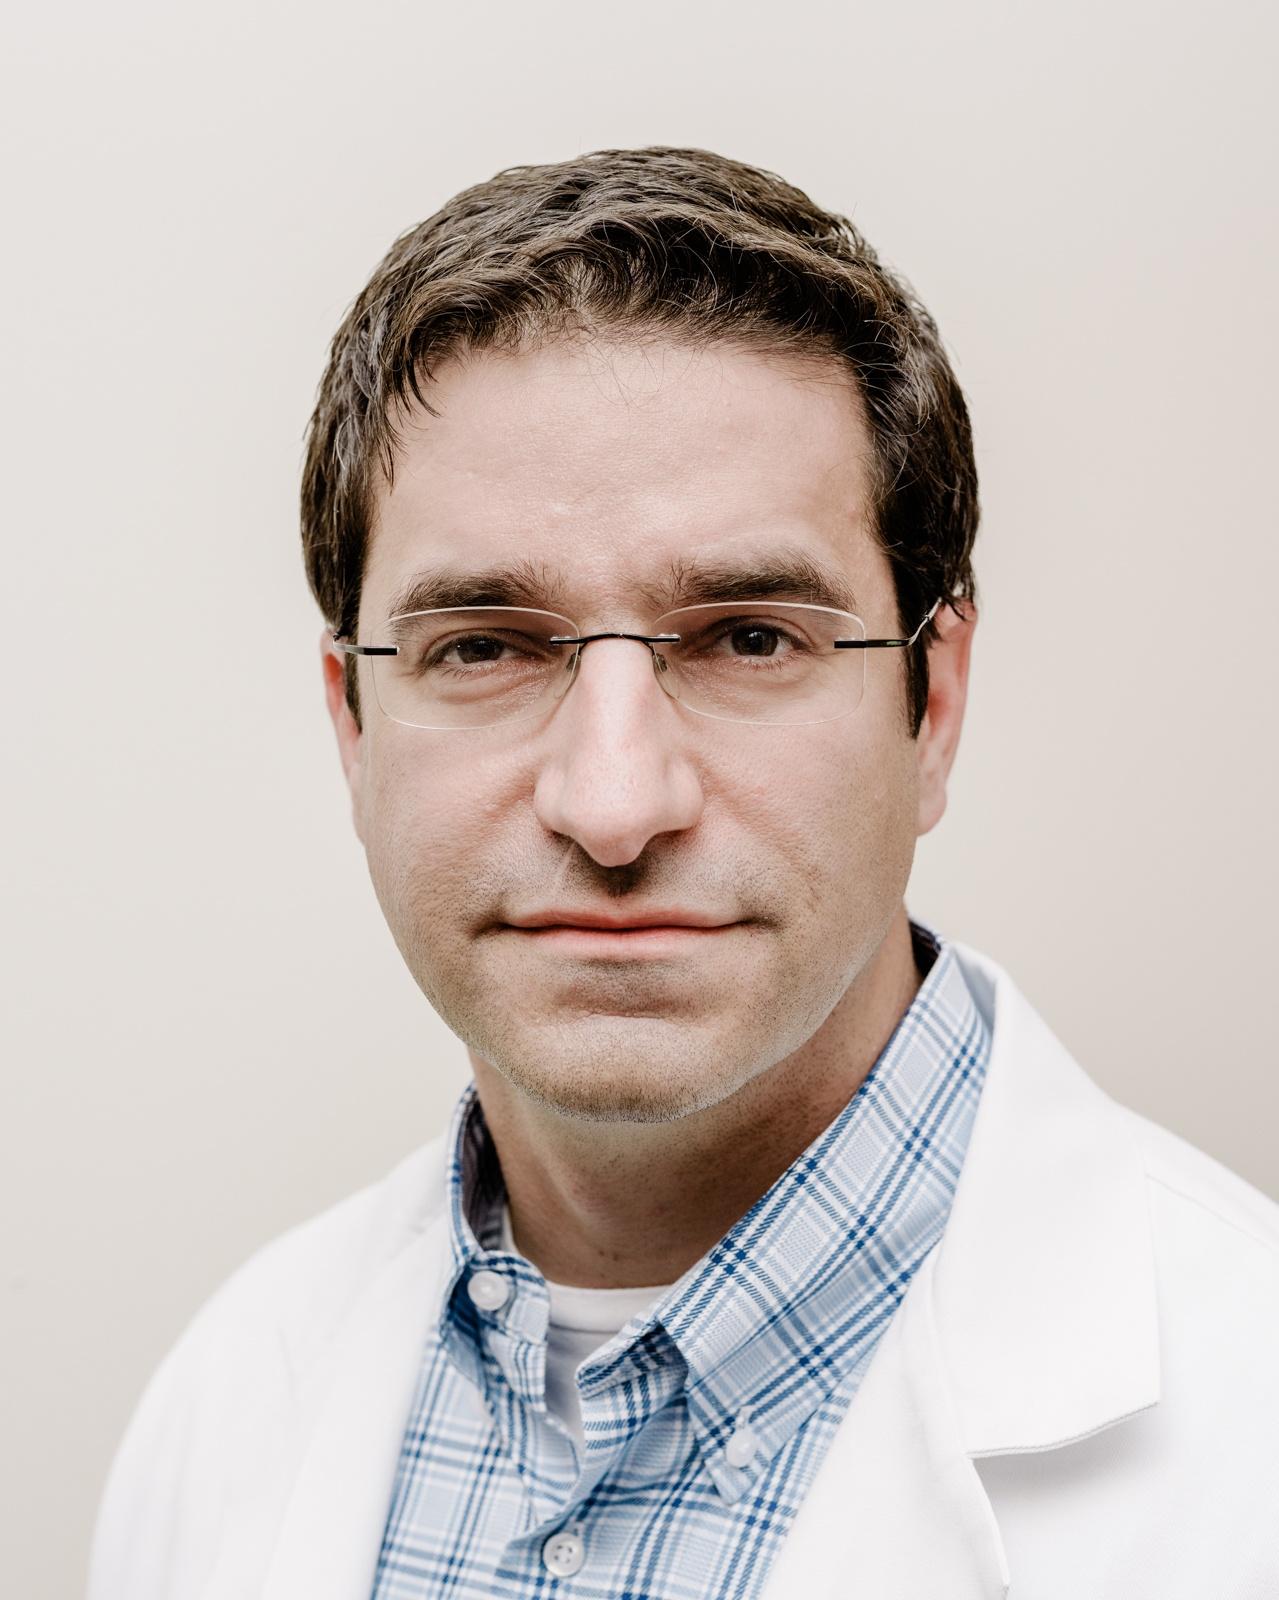 Хирург, собирающийся подключить вас к интернету через мозговой имплантат - 2